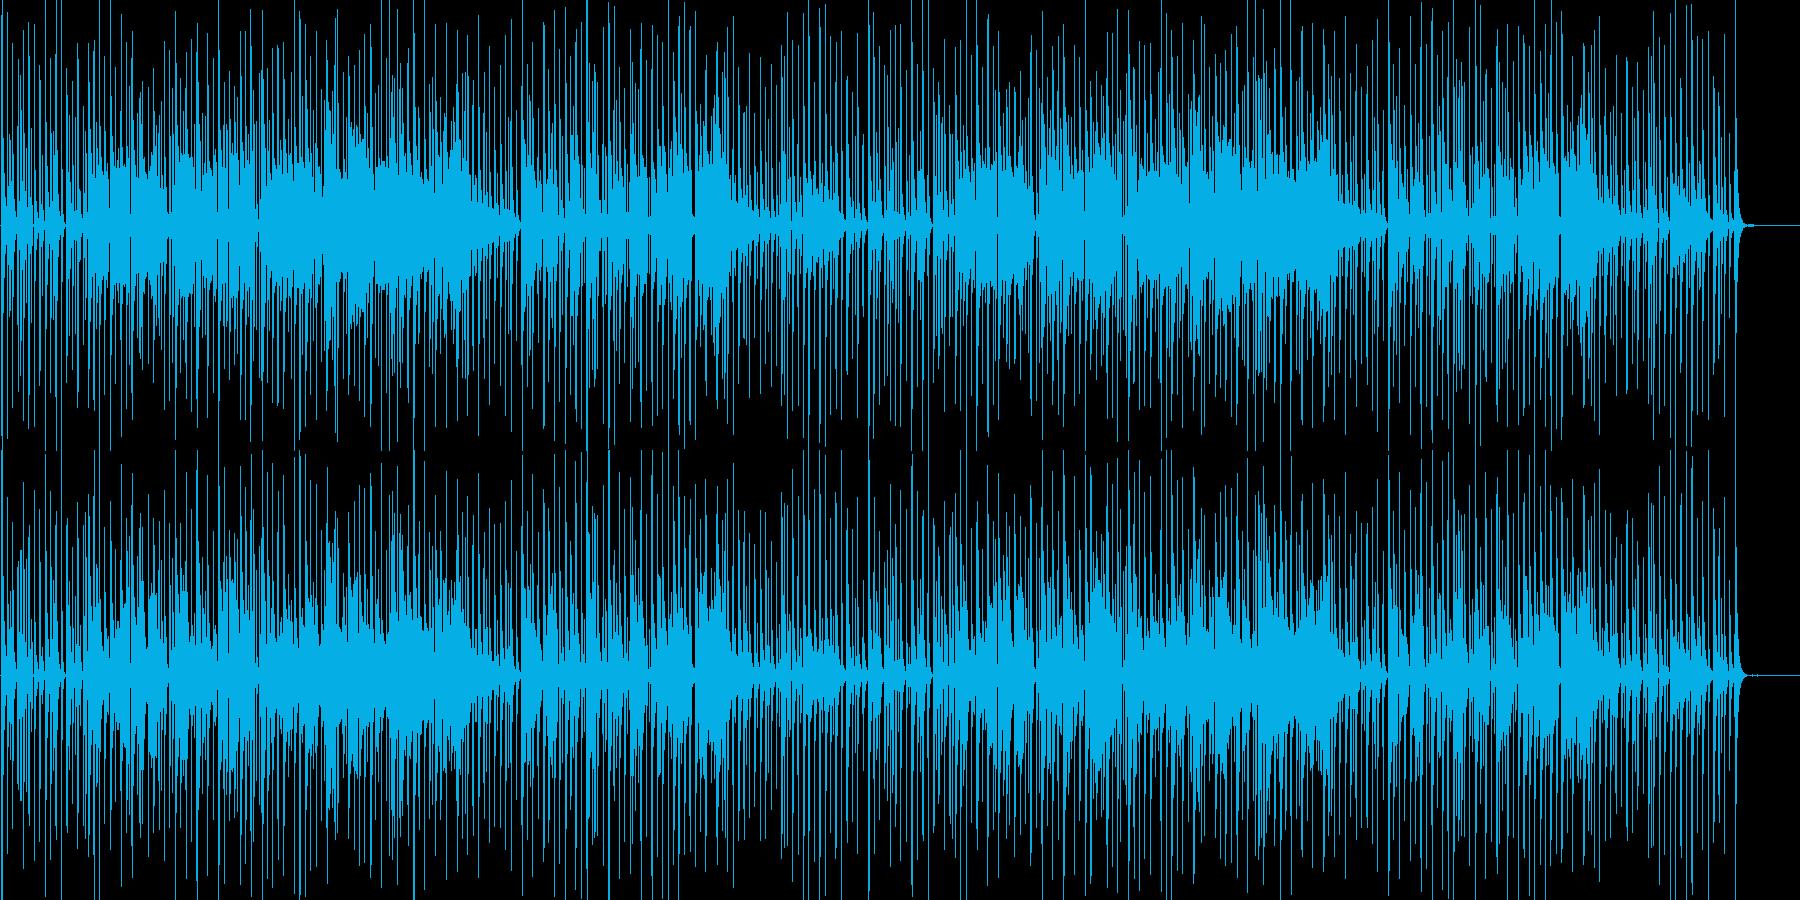 まぬけな音楽 ふざけた感じ 下手な演奏の再生済みの波形